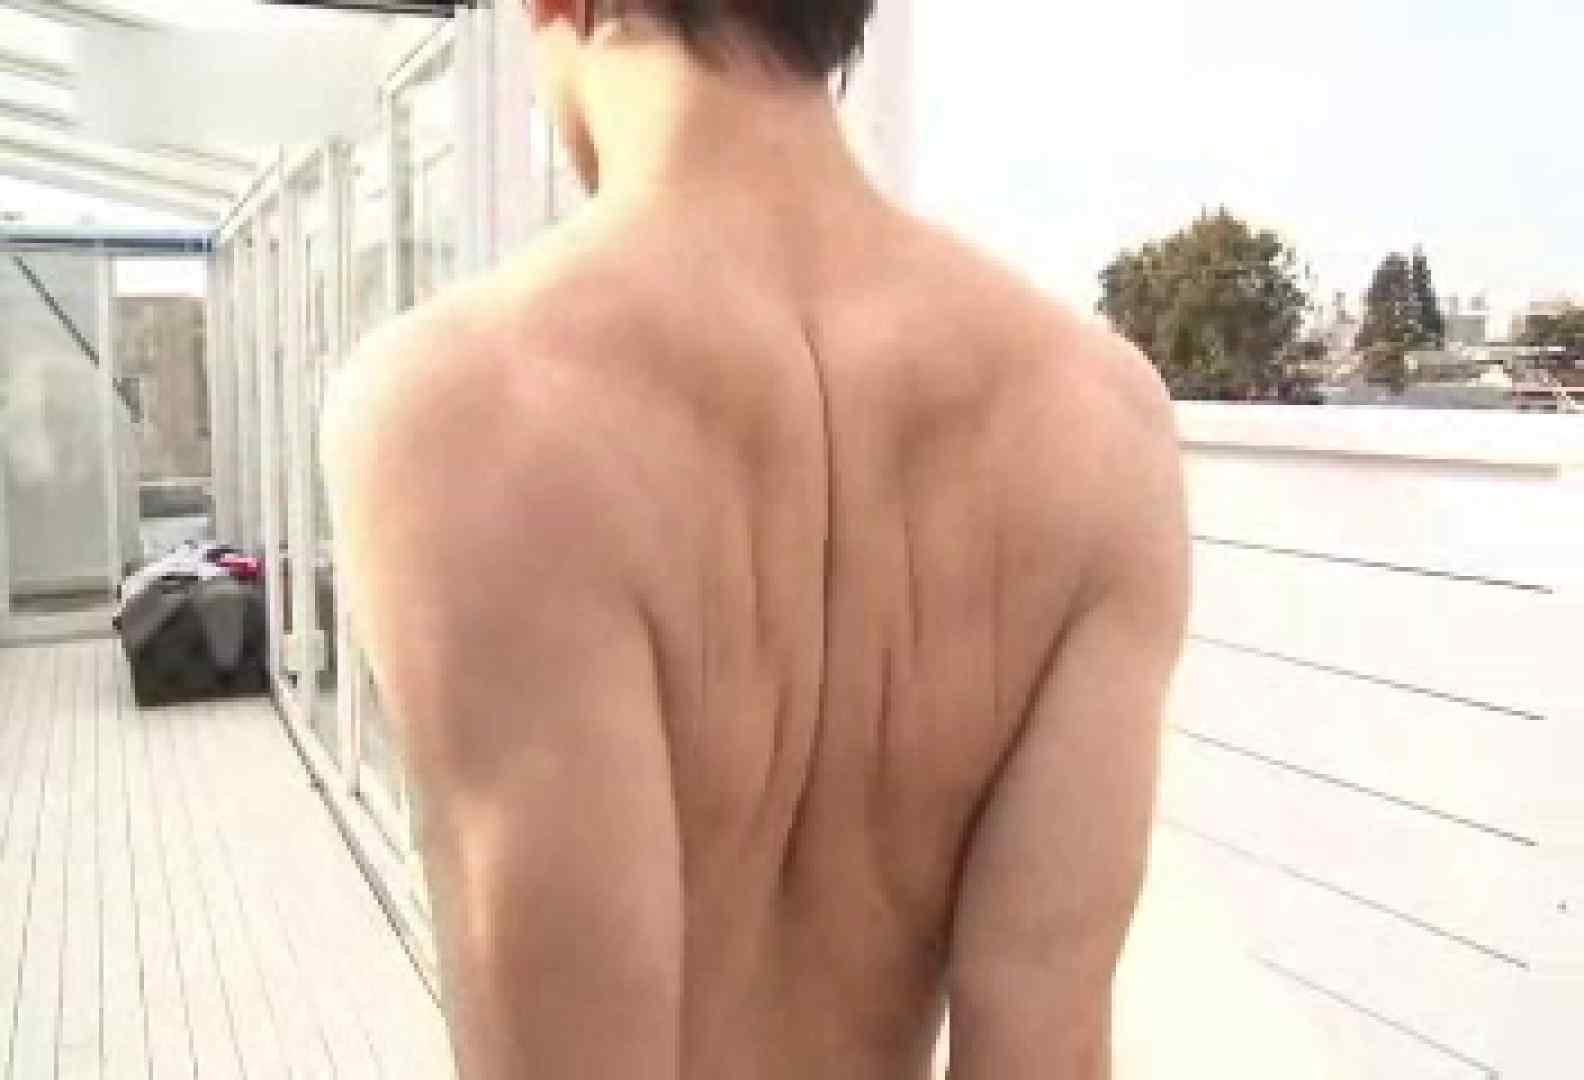 【期間限定】大集合!!カッコ可愛いメンズの一穴入根!!.VOL72 イケメン  82pic 3